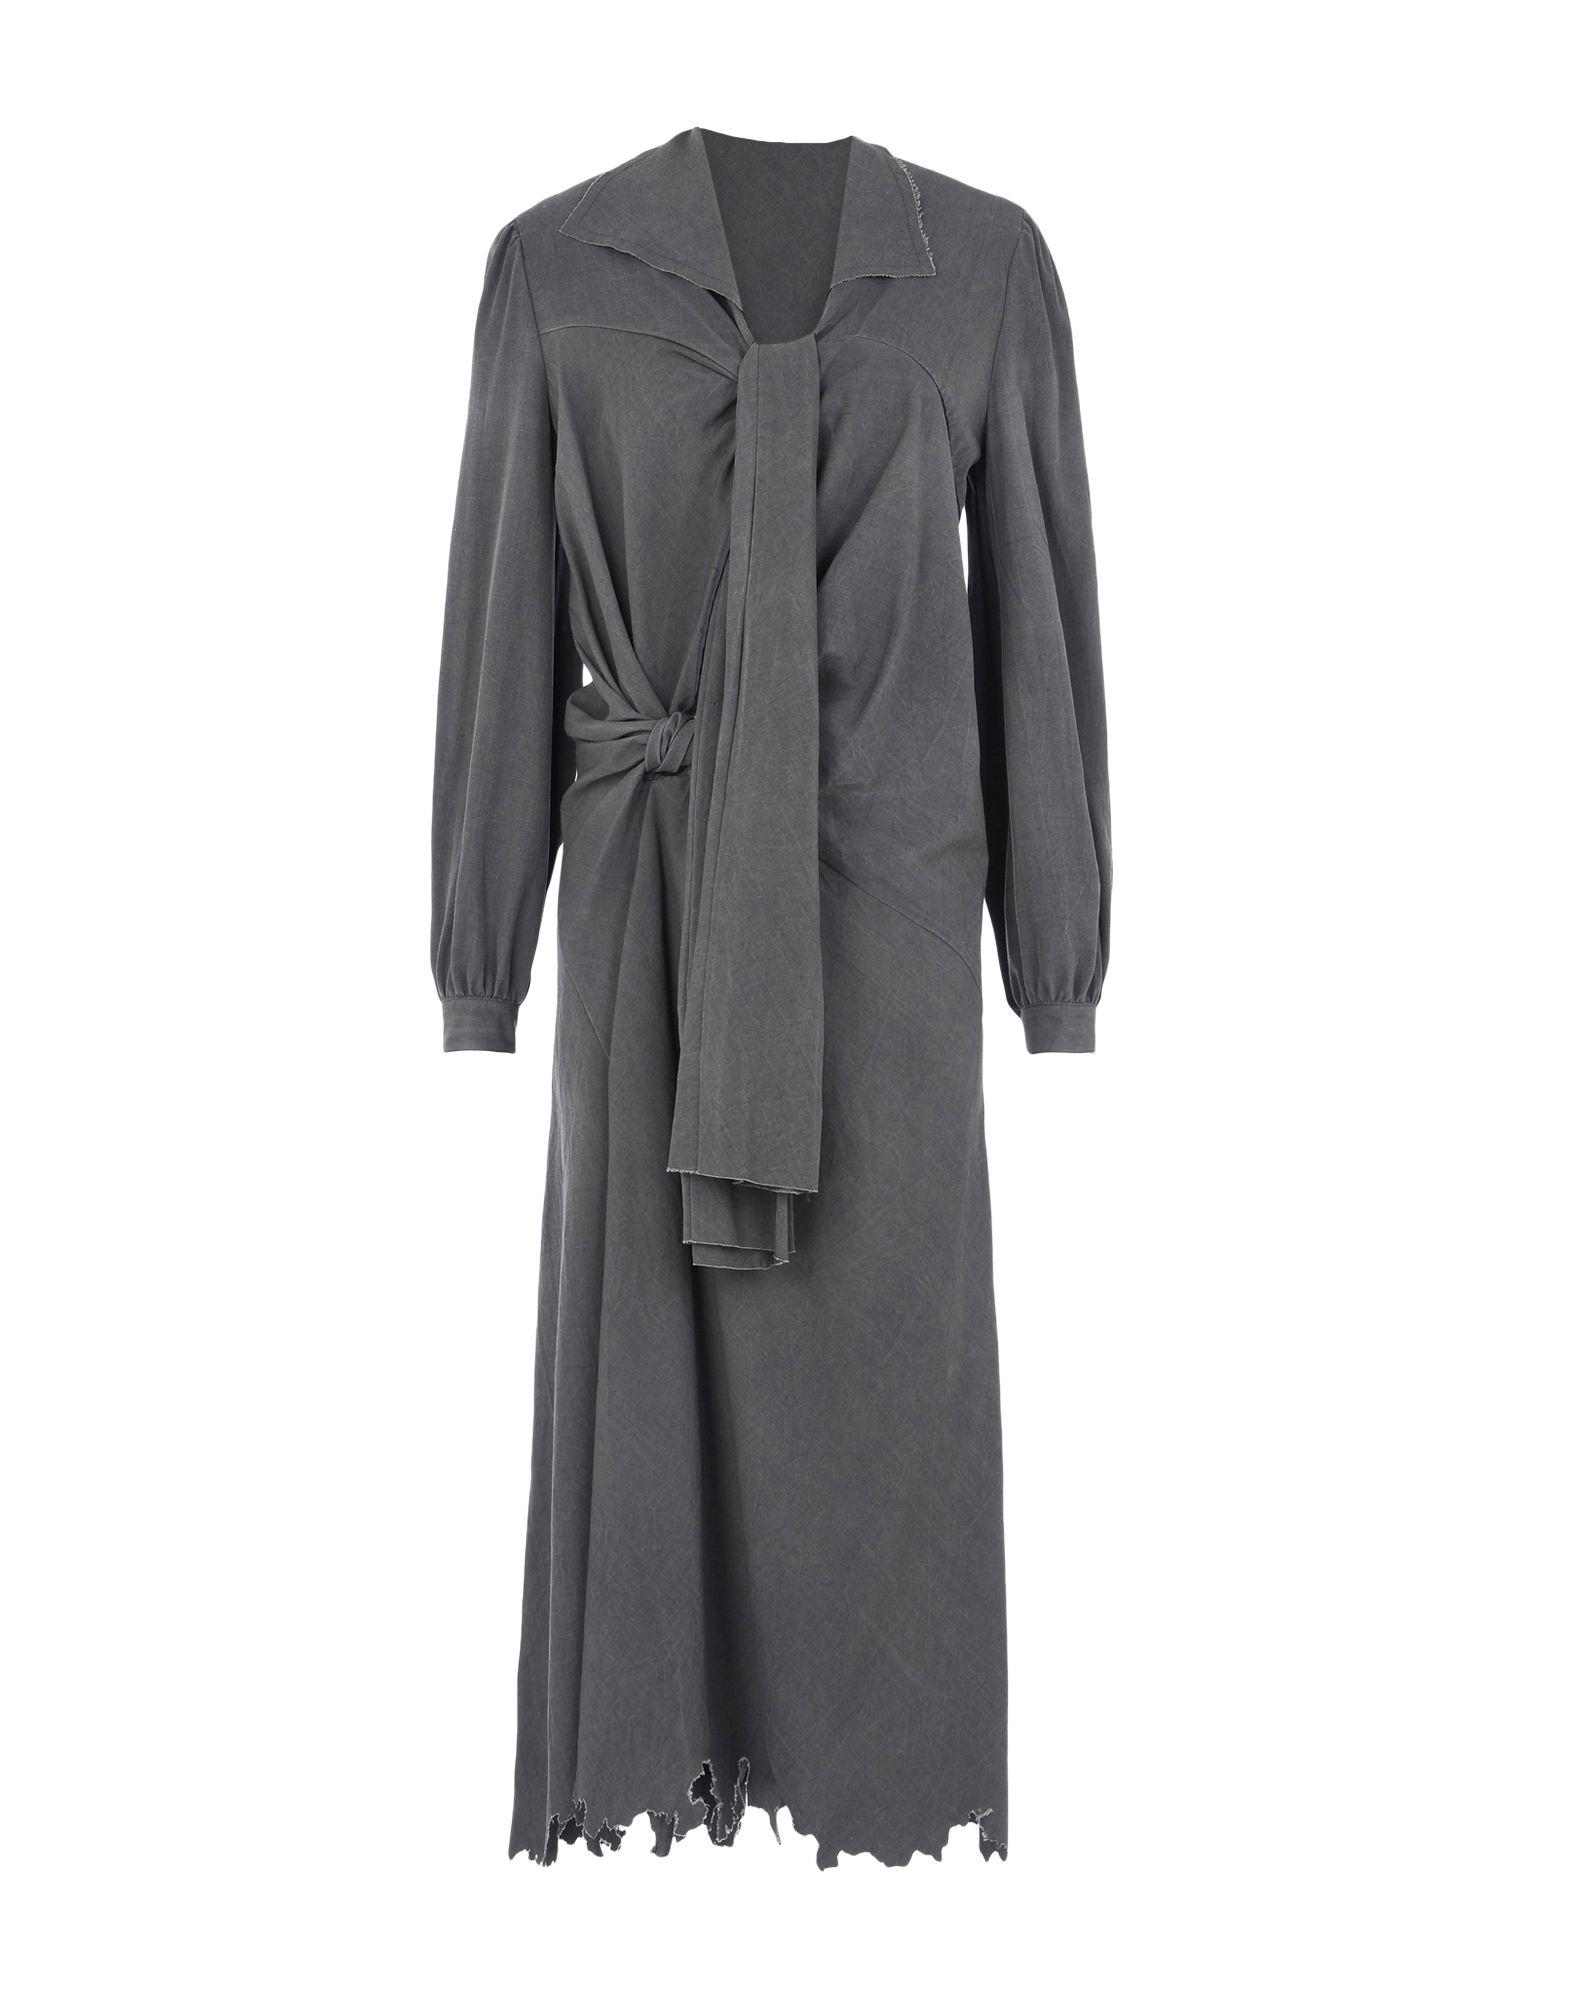 JUNYA WATANABE COMME des GARÇONS Платье длиной 3/4 comme des garçons платье длиной 3 4